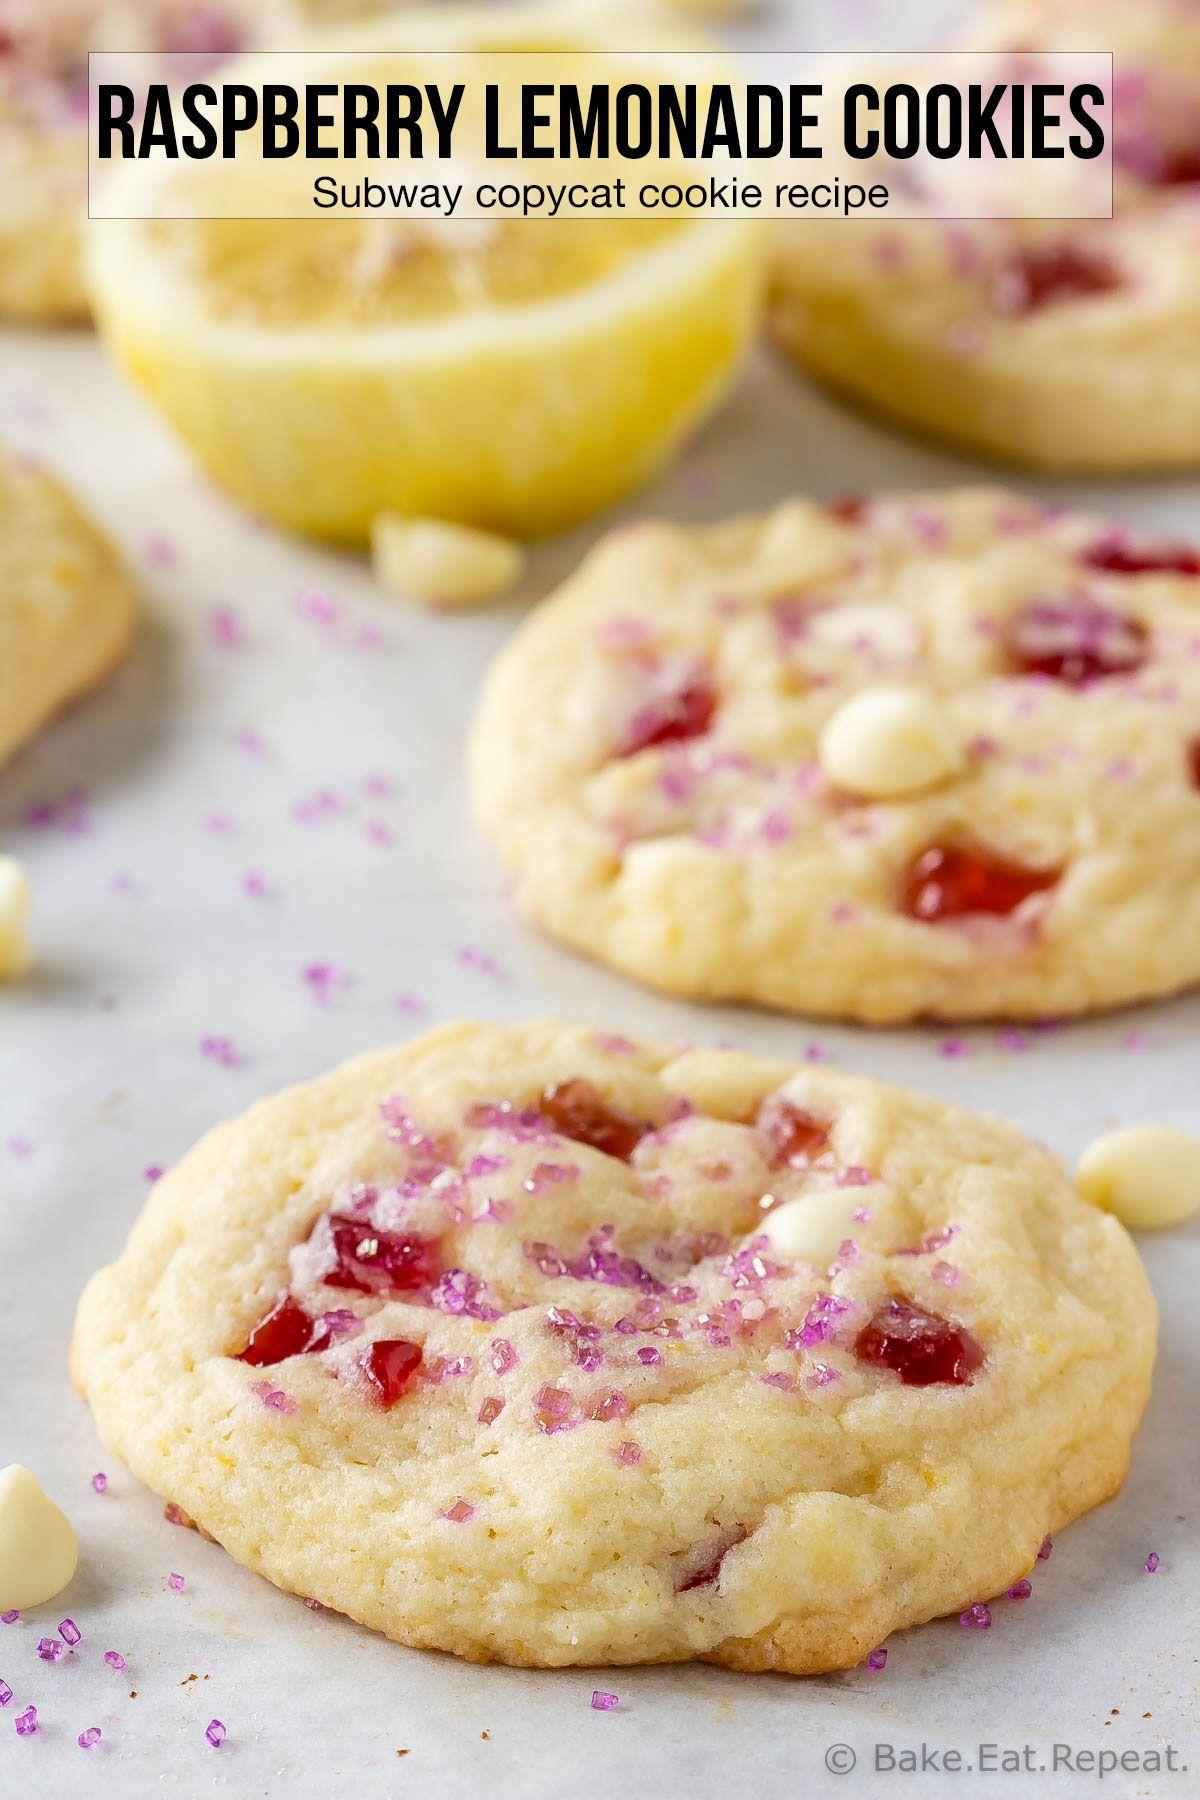 Raspberry Lemonade Cookies (Subway Copycat)